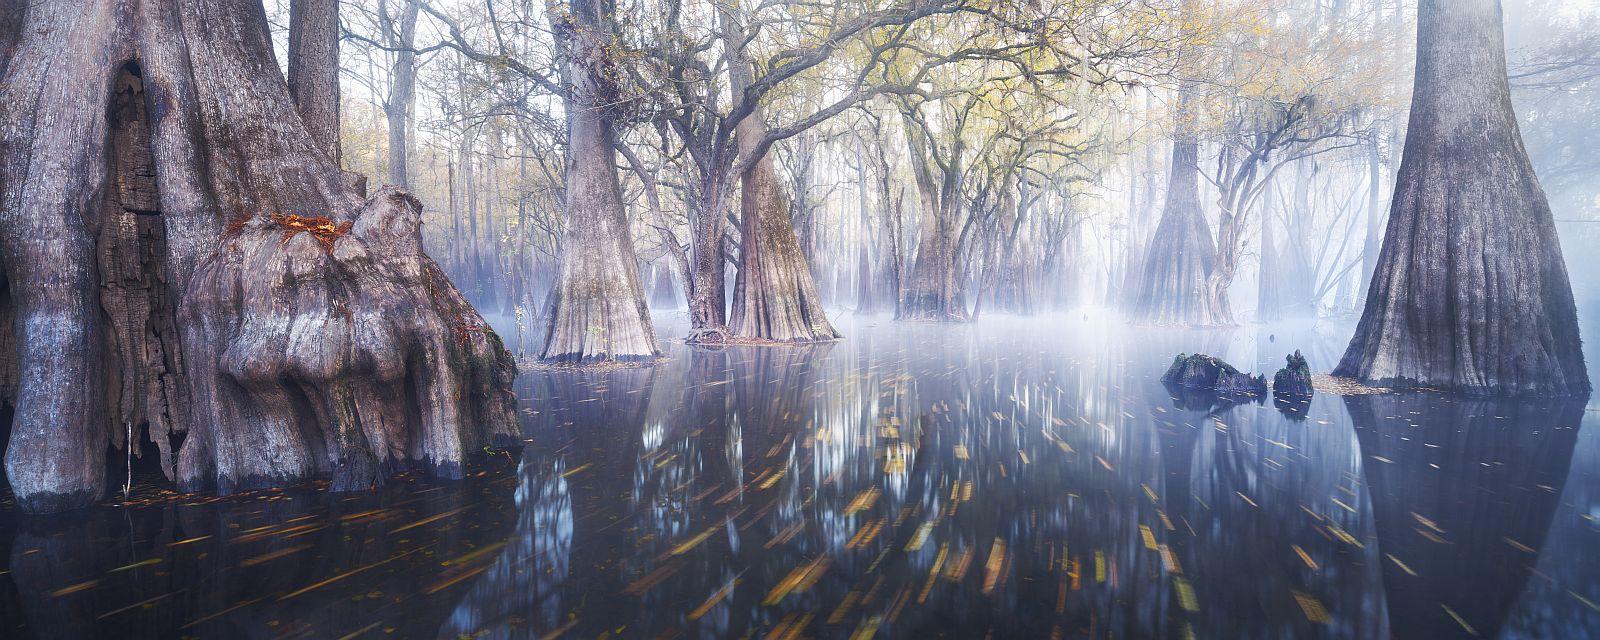 «Дагоба». Третє місце в номінації «Fine art landscape». Фото: Paul Marcellini